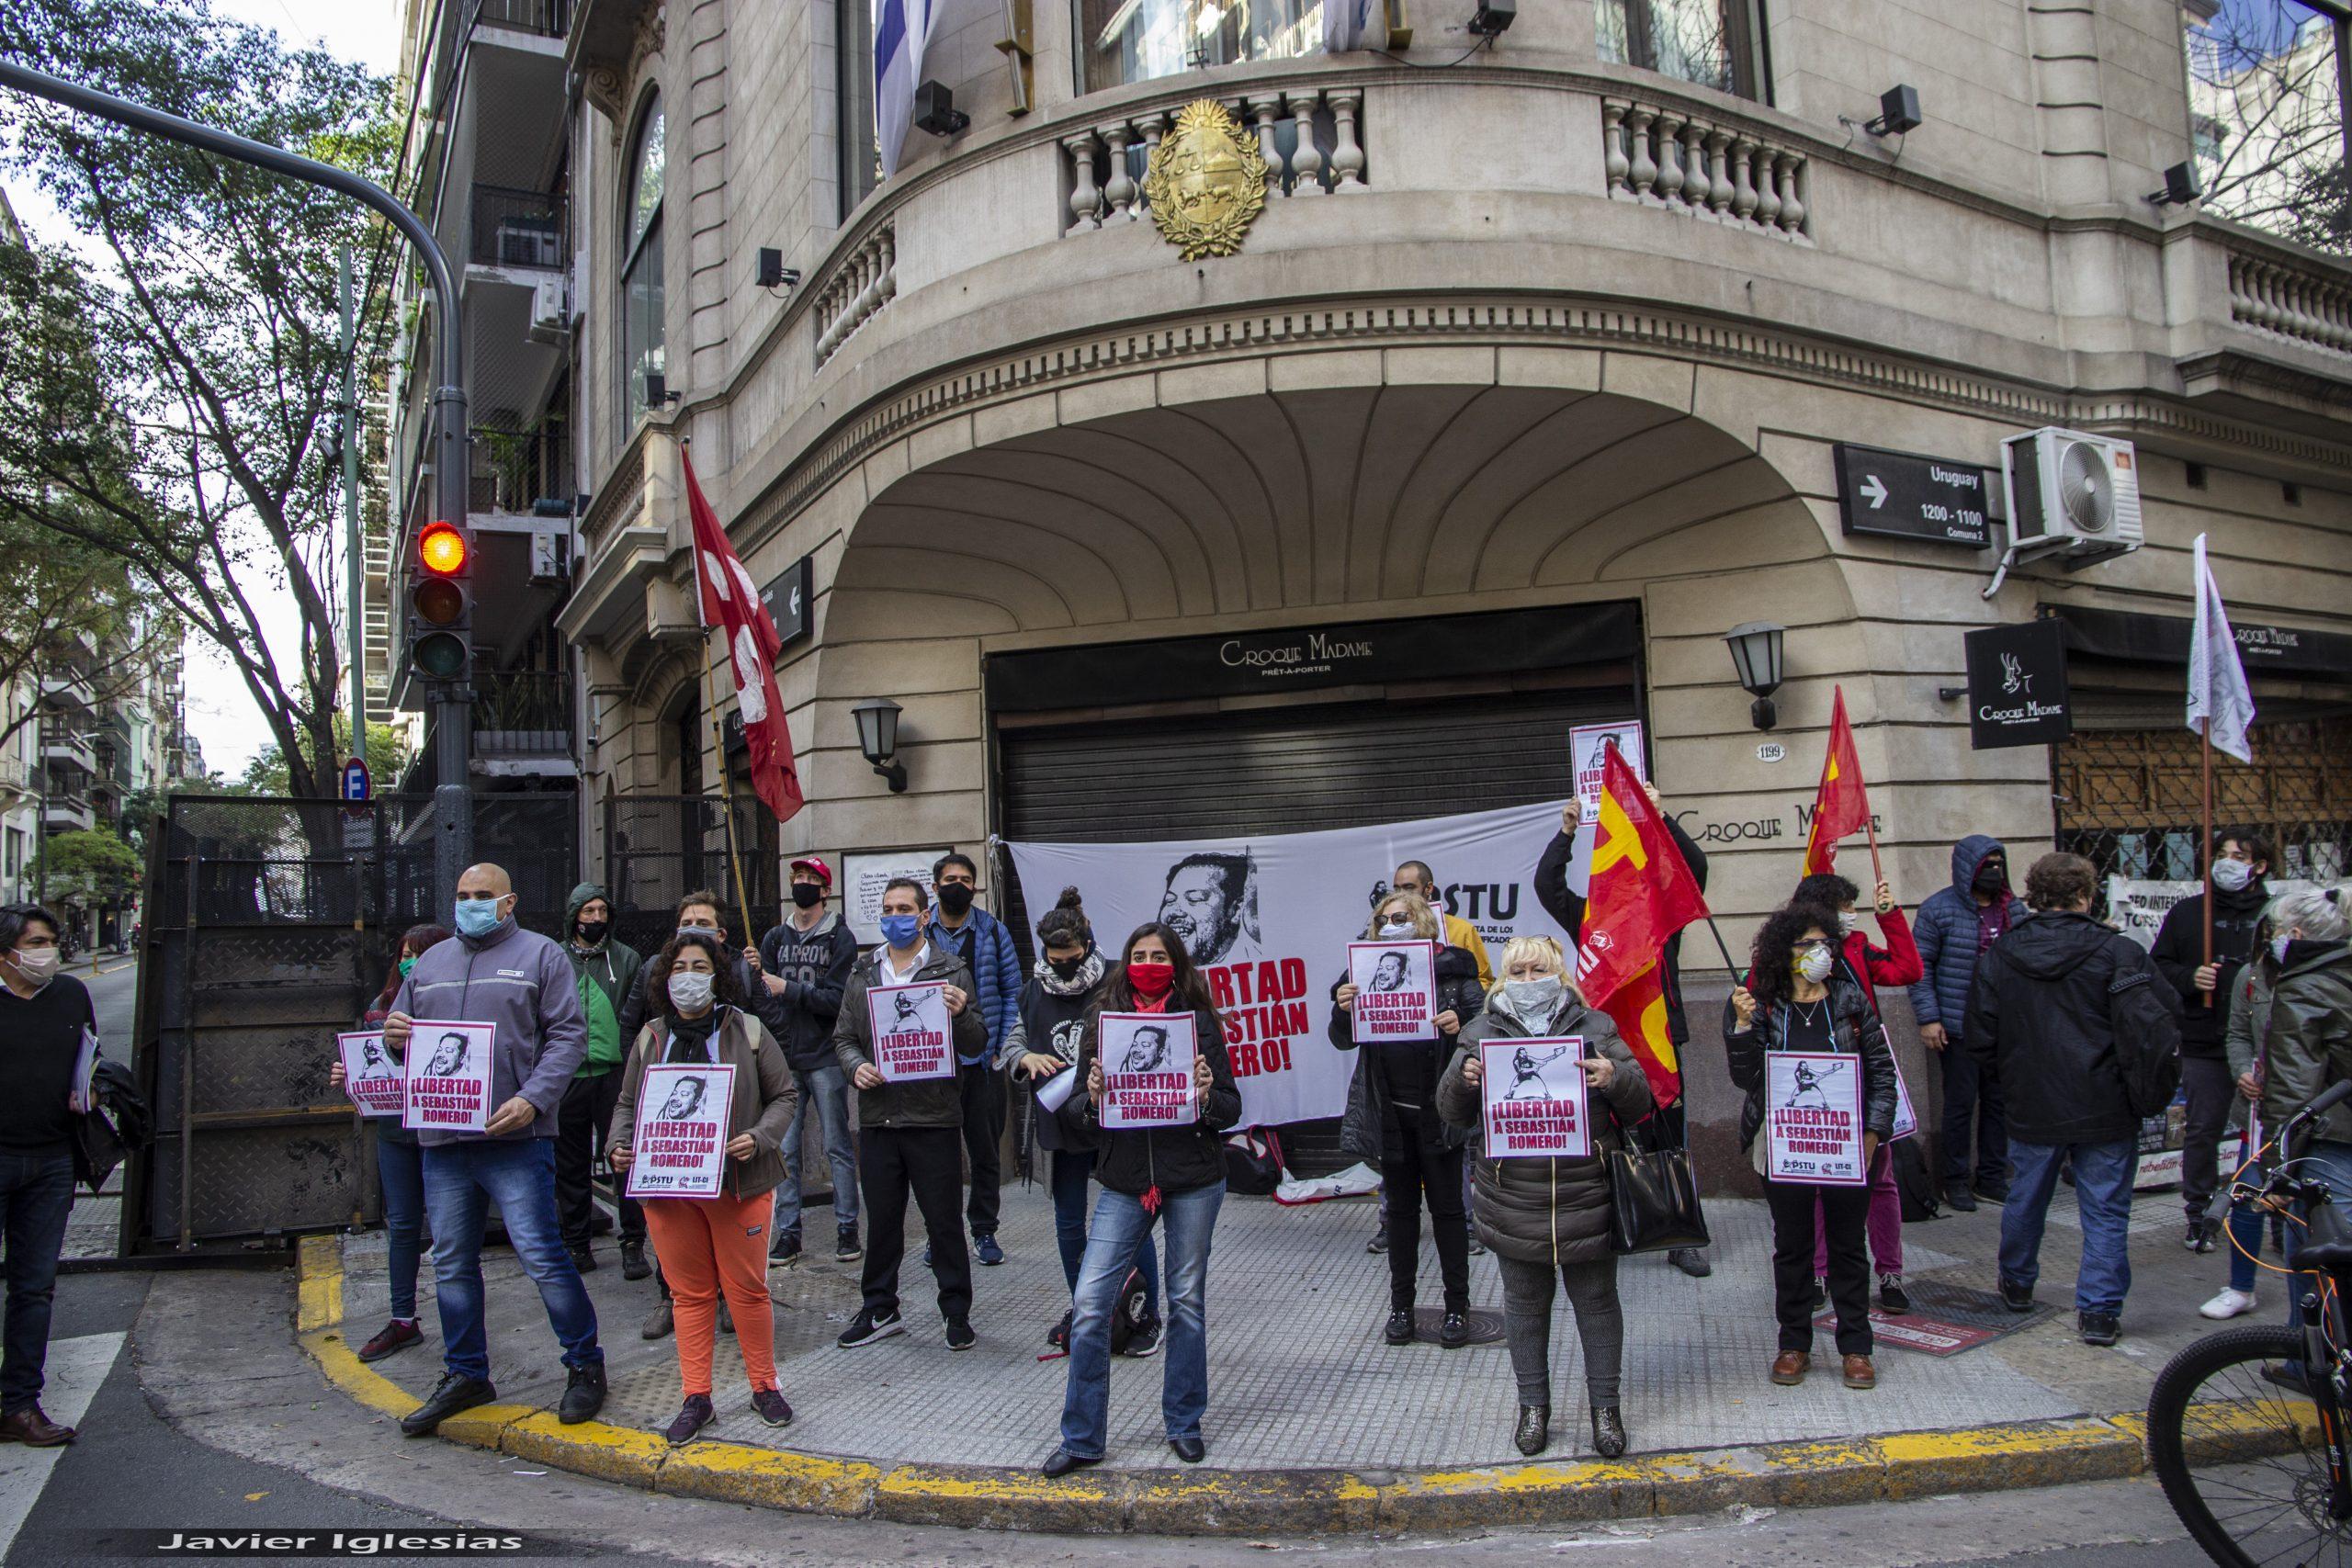 ADHESIONES AL PEDIDO DE LIBERTAD DE SEBASTIÁN ROMERO PRESENTADAS EN LA EMBAJADA DE URUGUAY